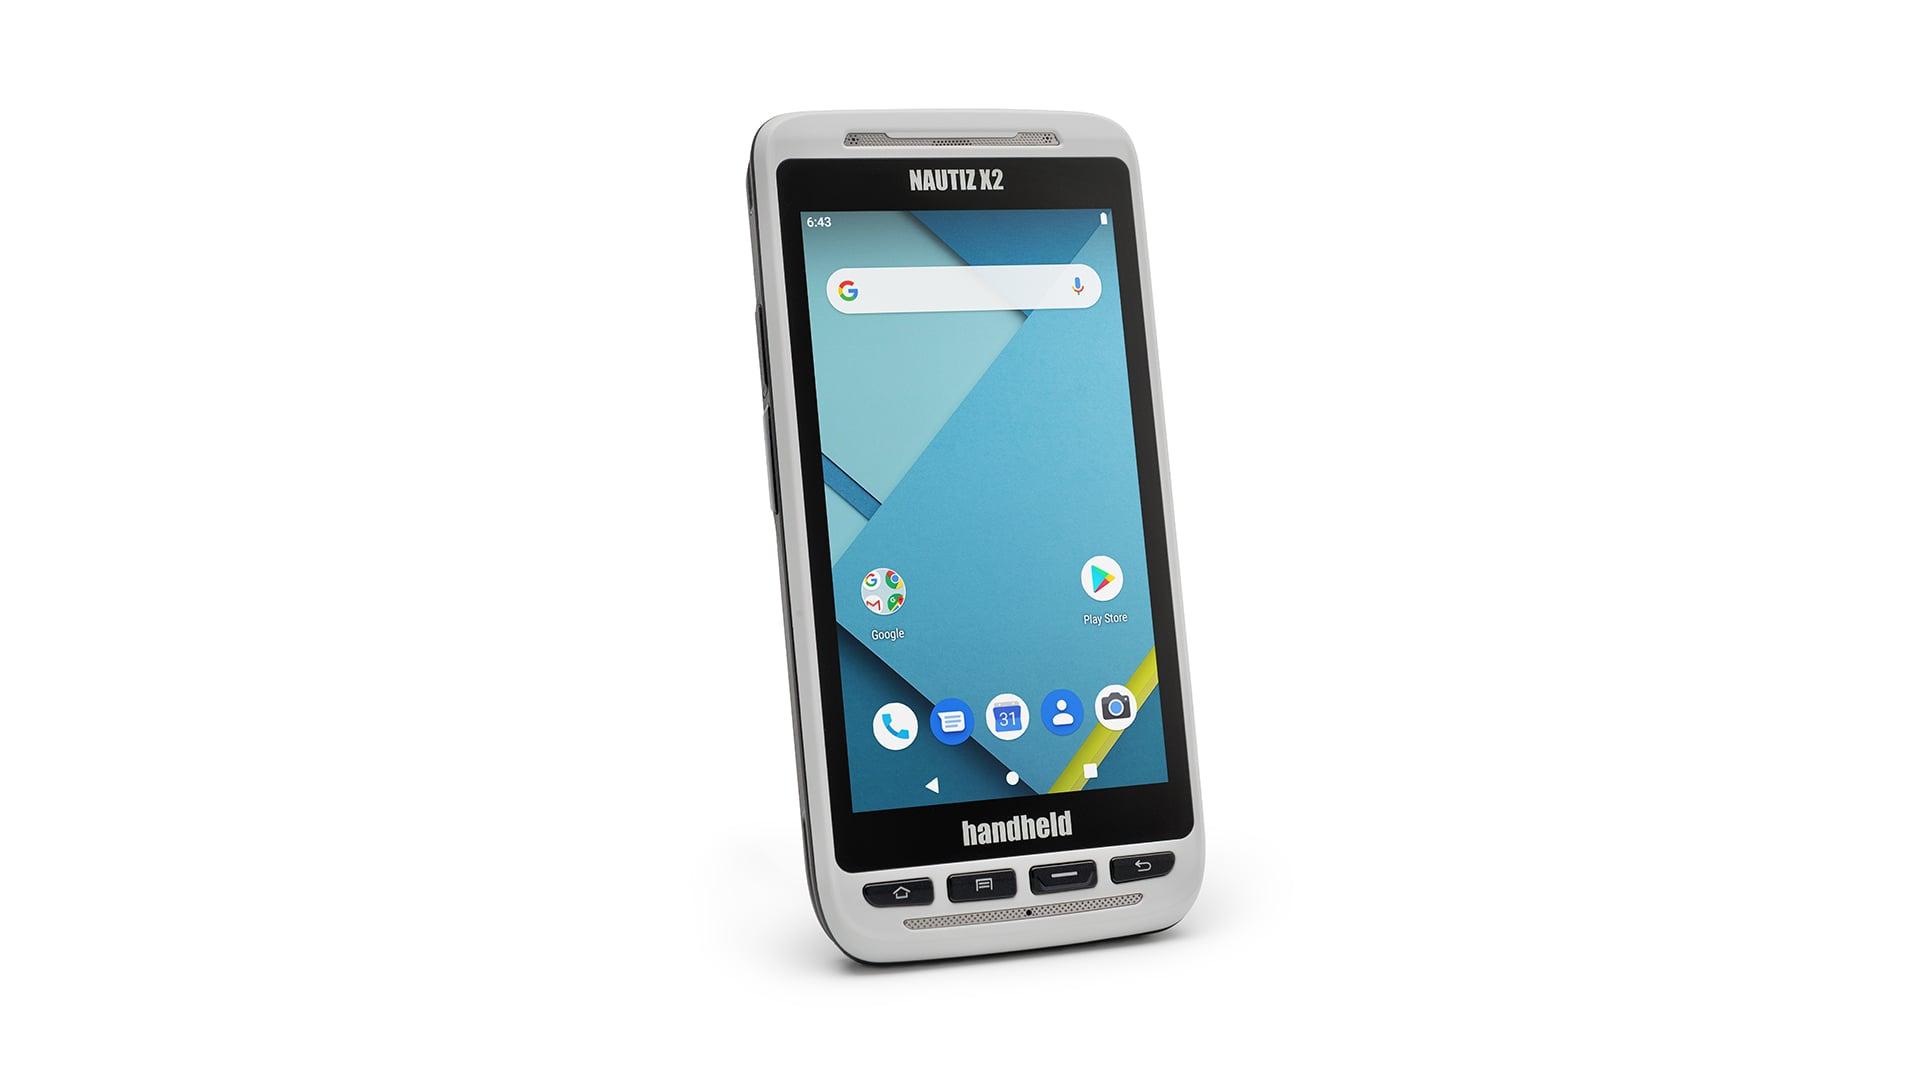 handheld nautiz x2 profile